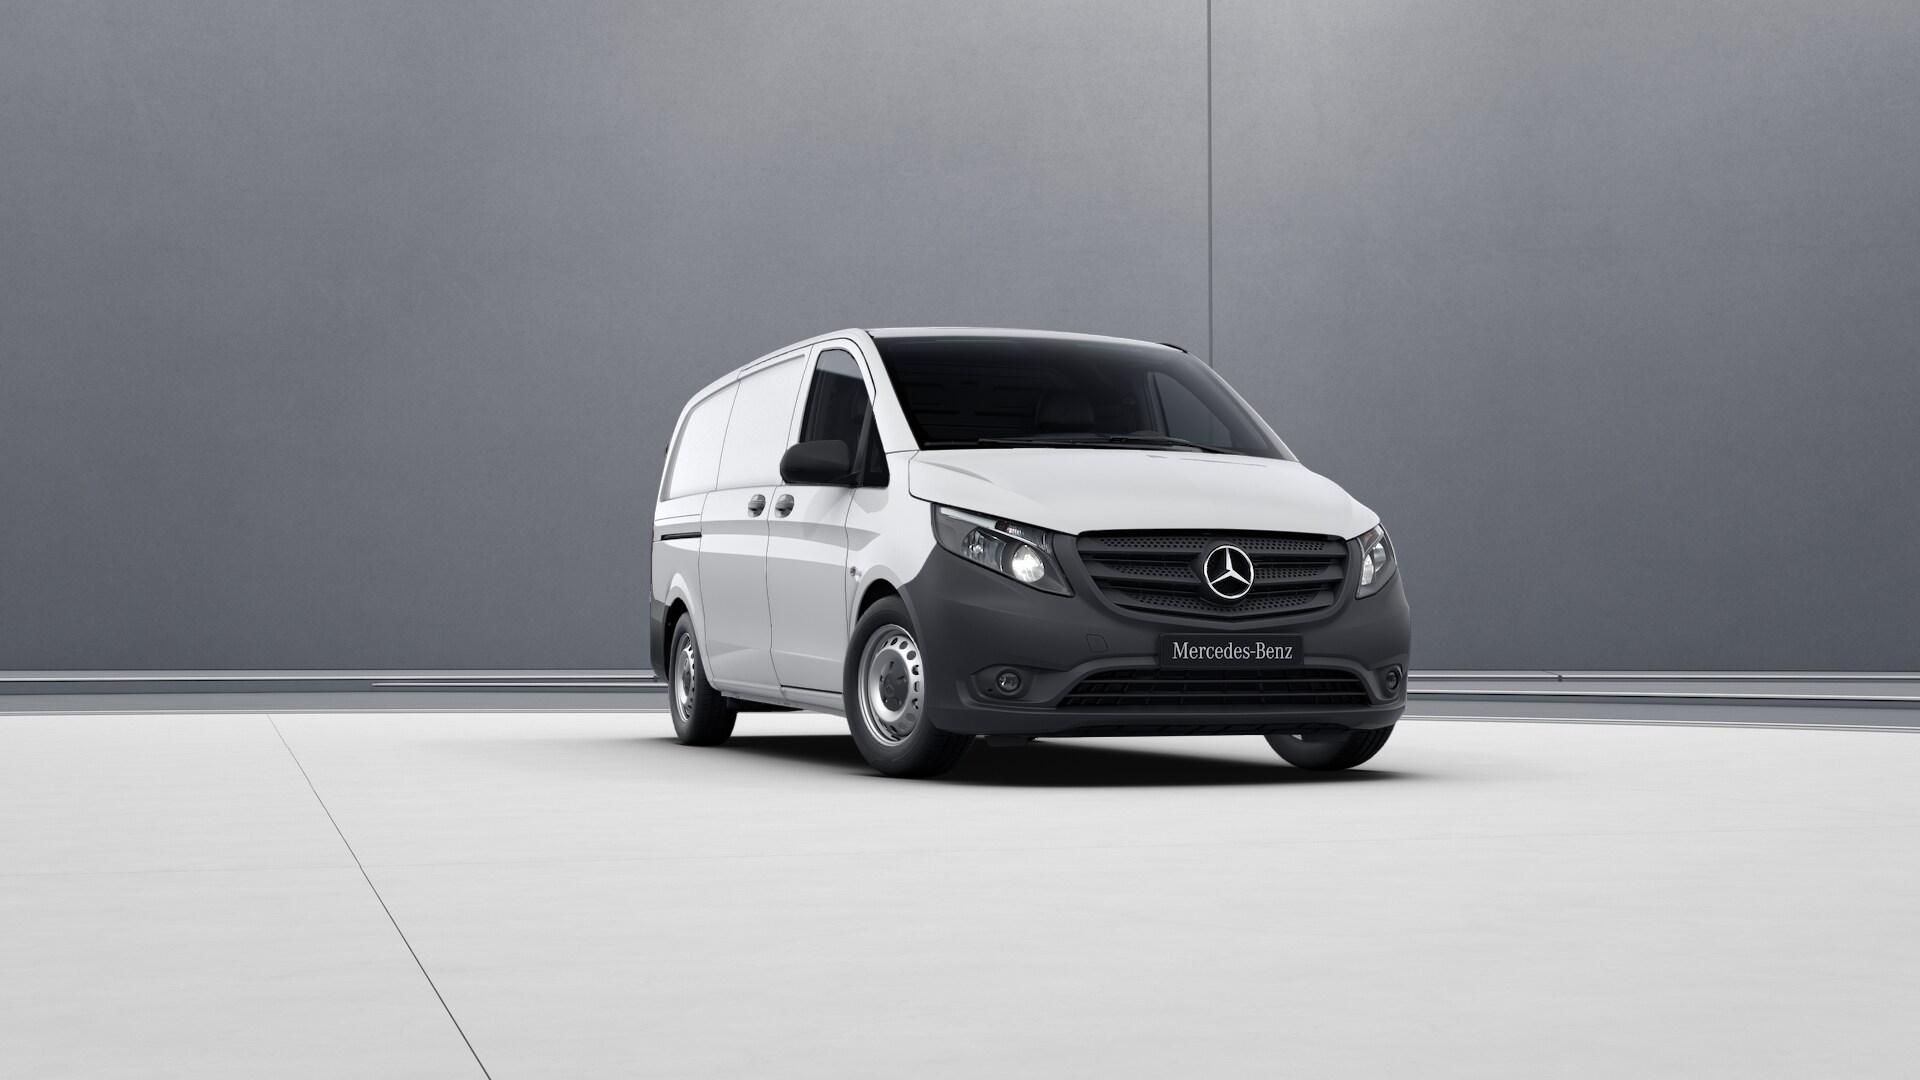 Mercedes-Benz Vito 109 CDI Long 5152600010